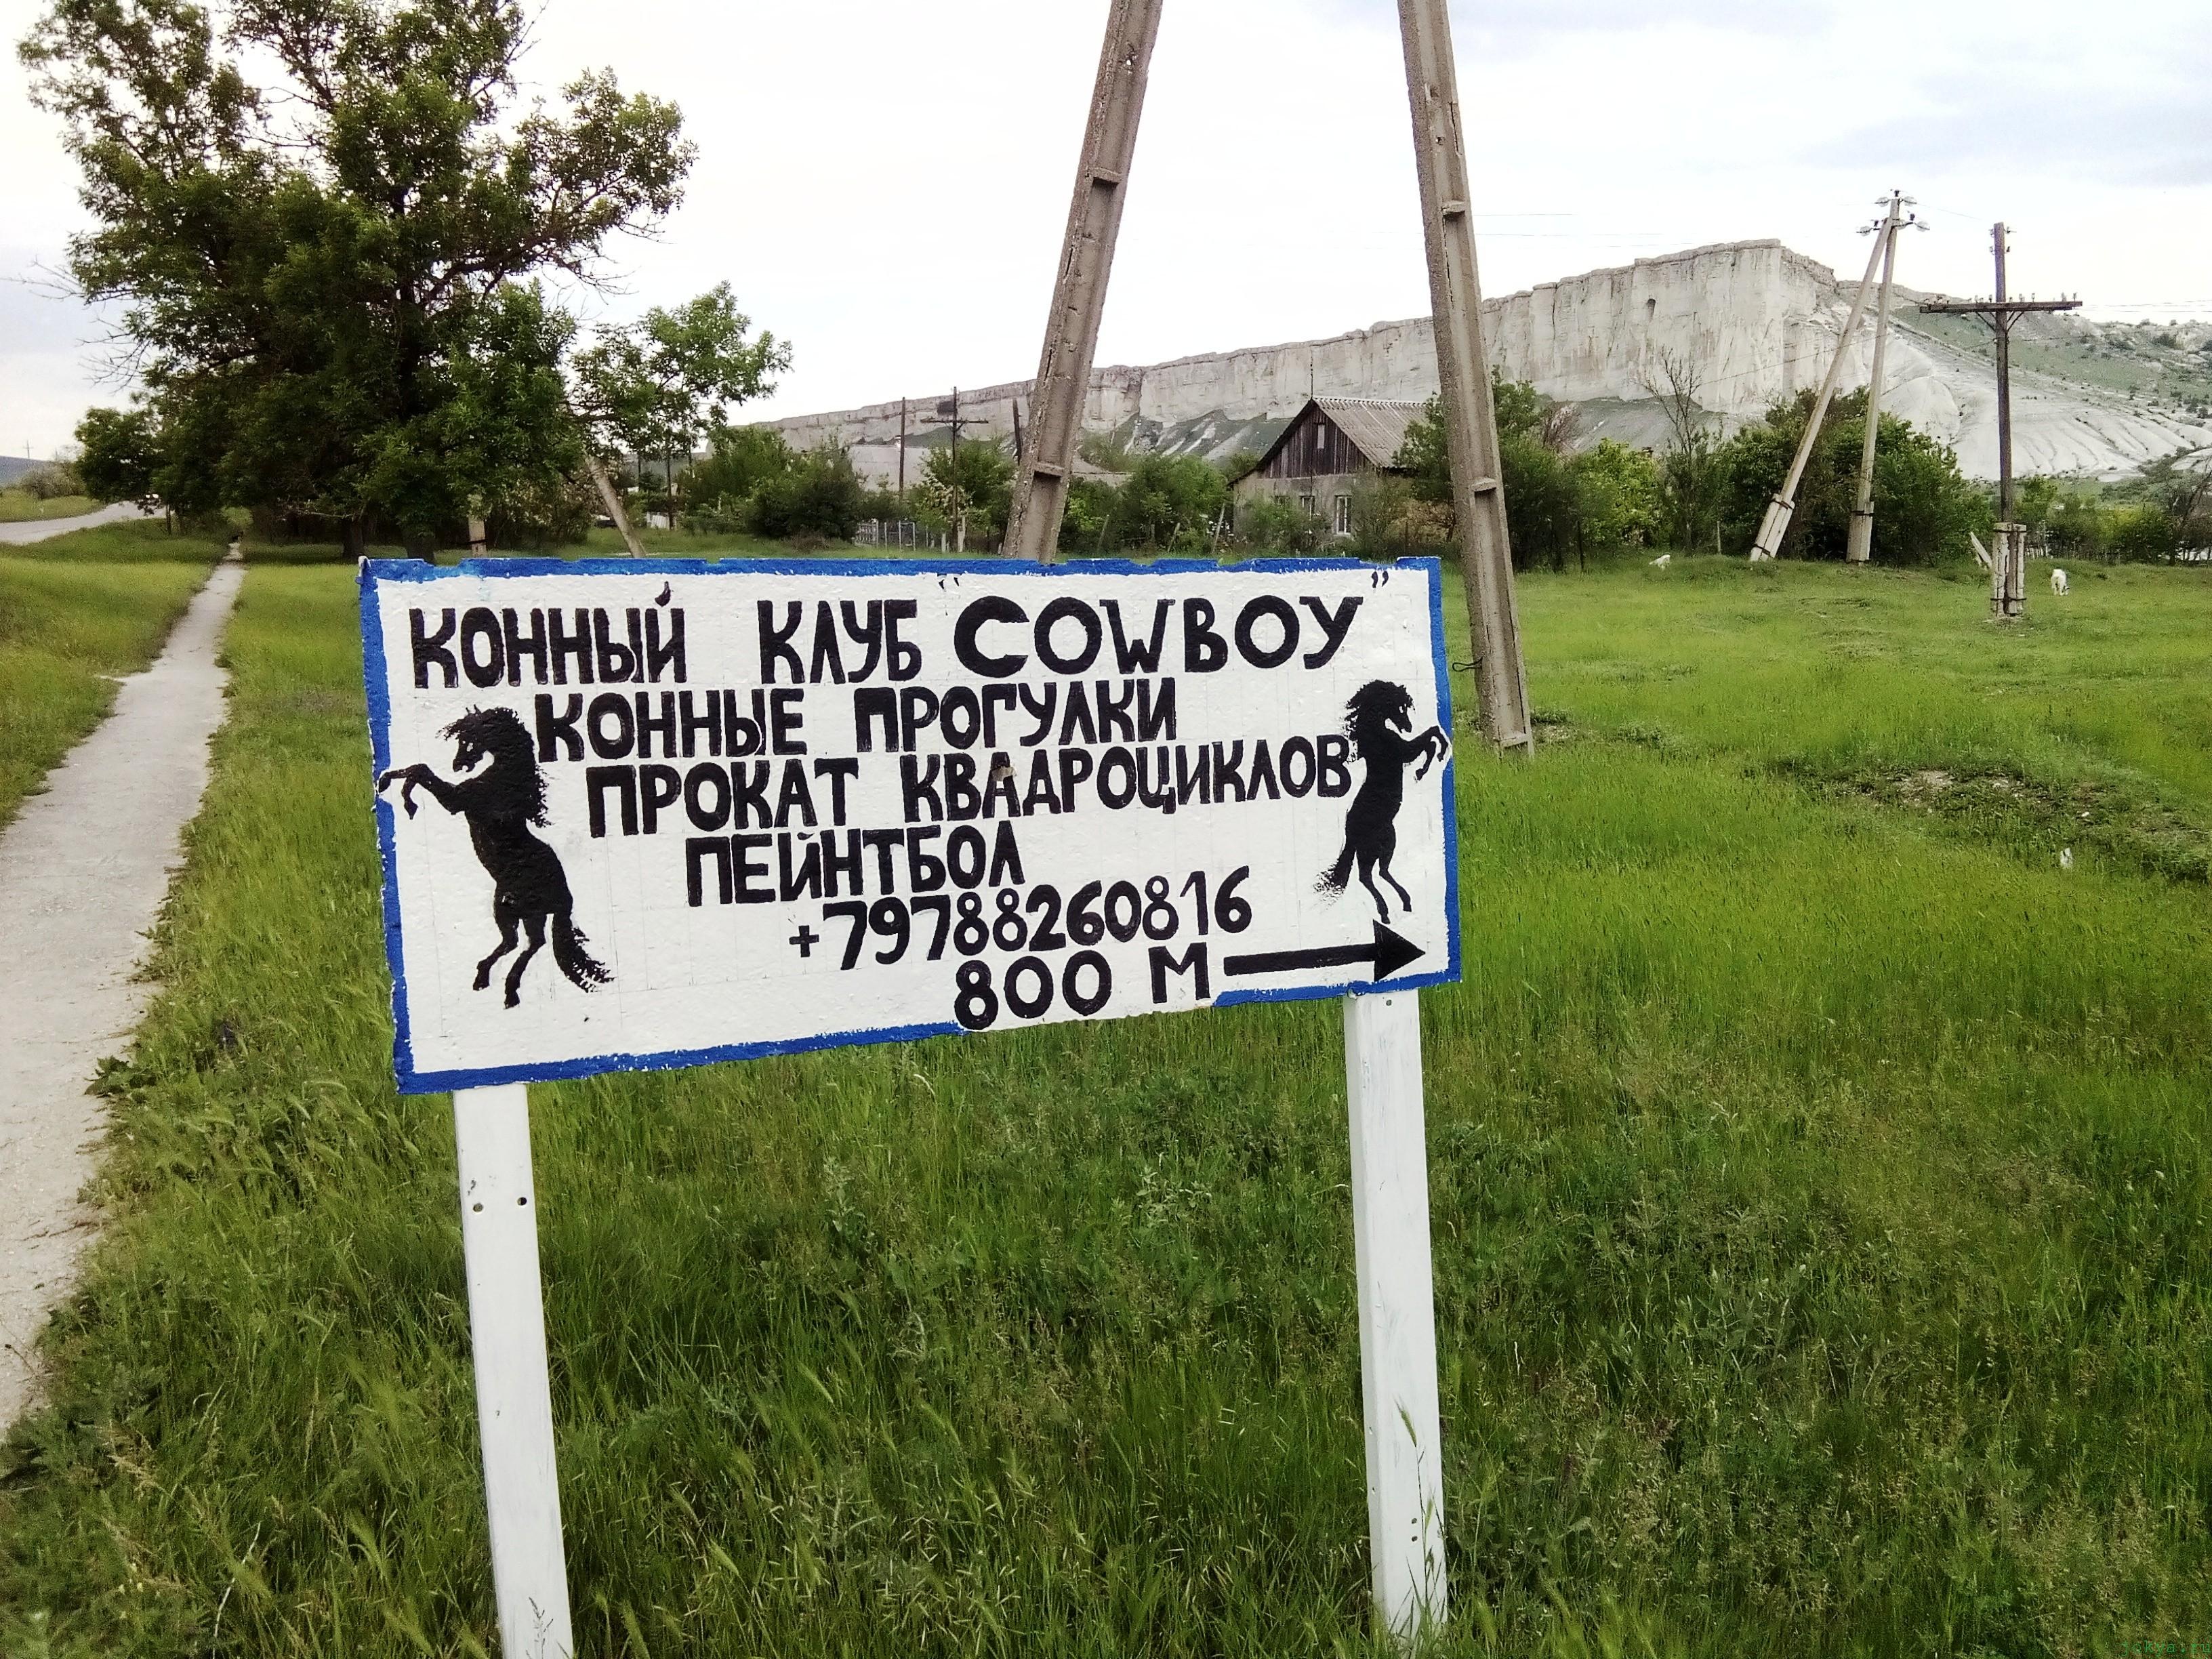 Подножие Белой скалы в селе Белая скала фото заметка о Крыме jokya.ru